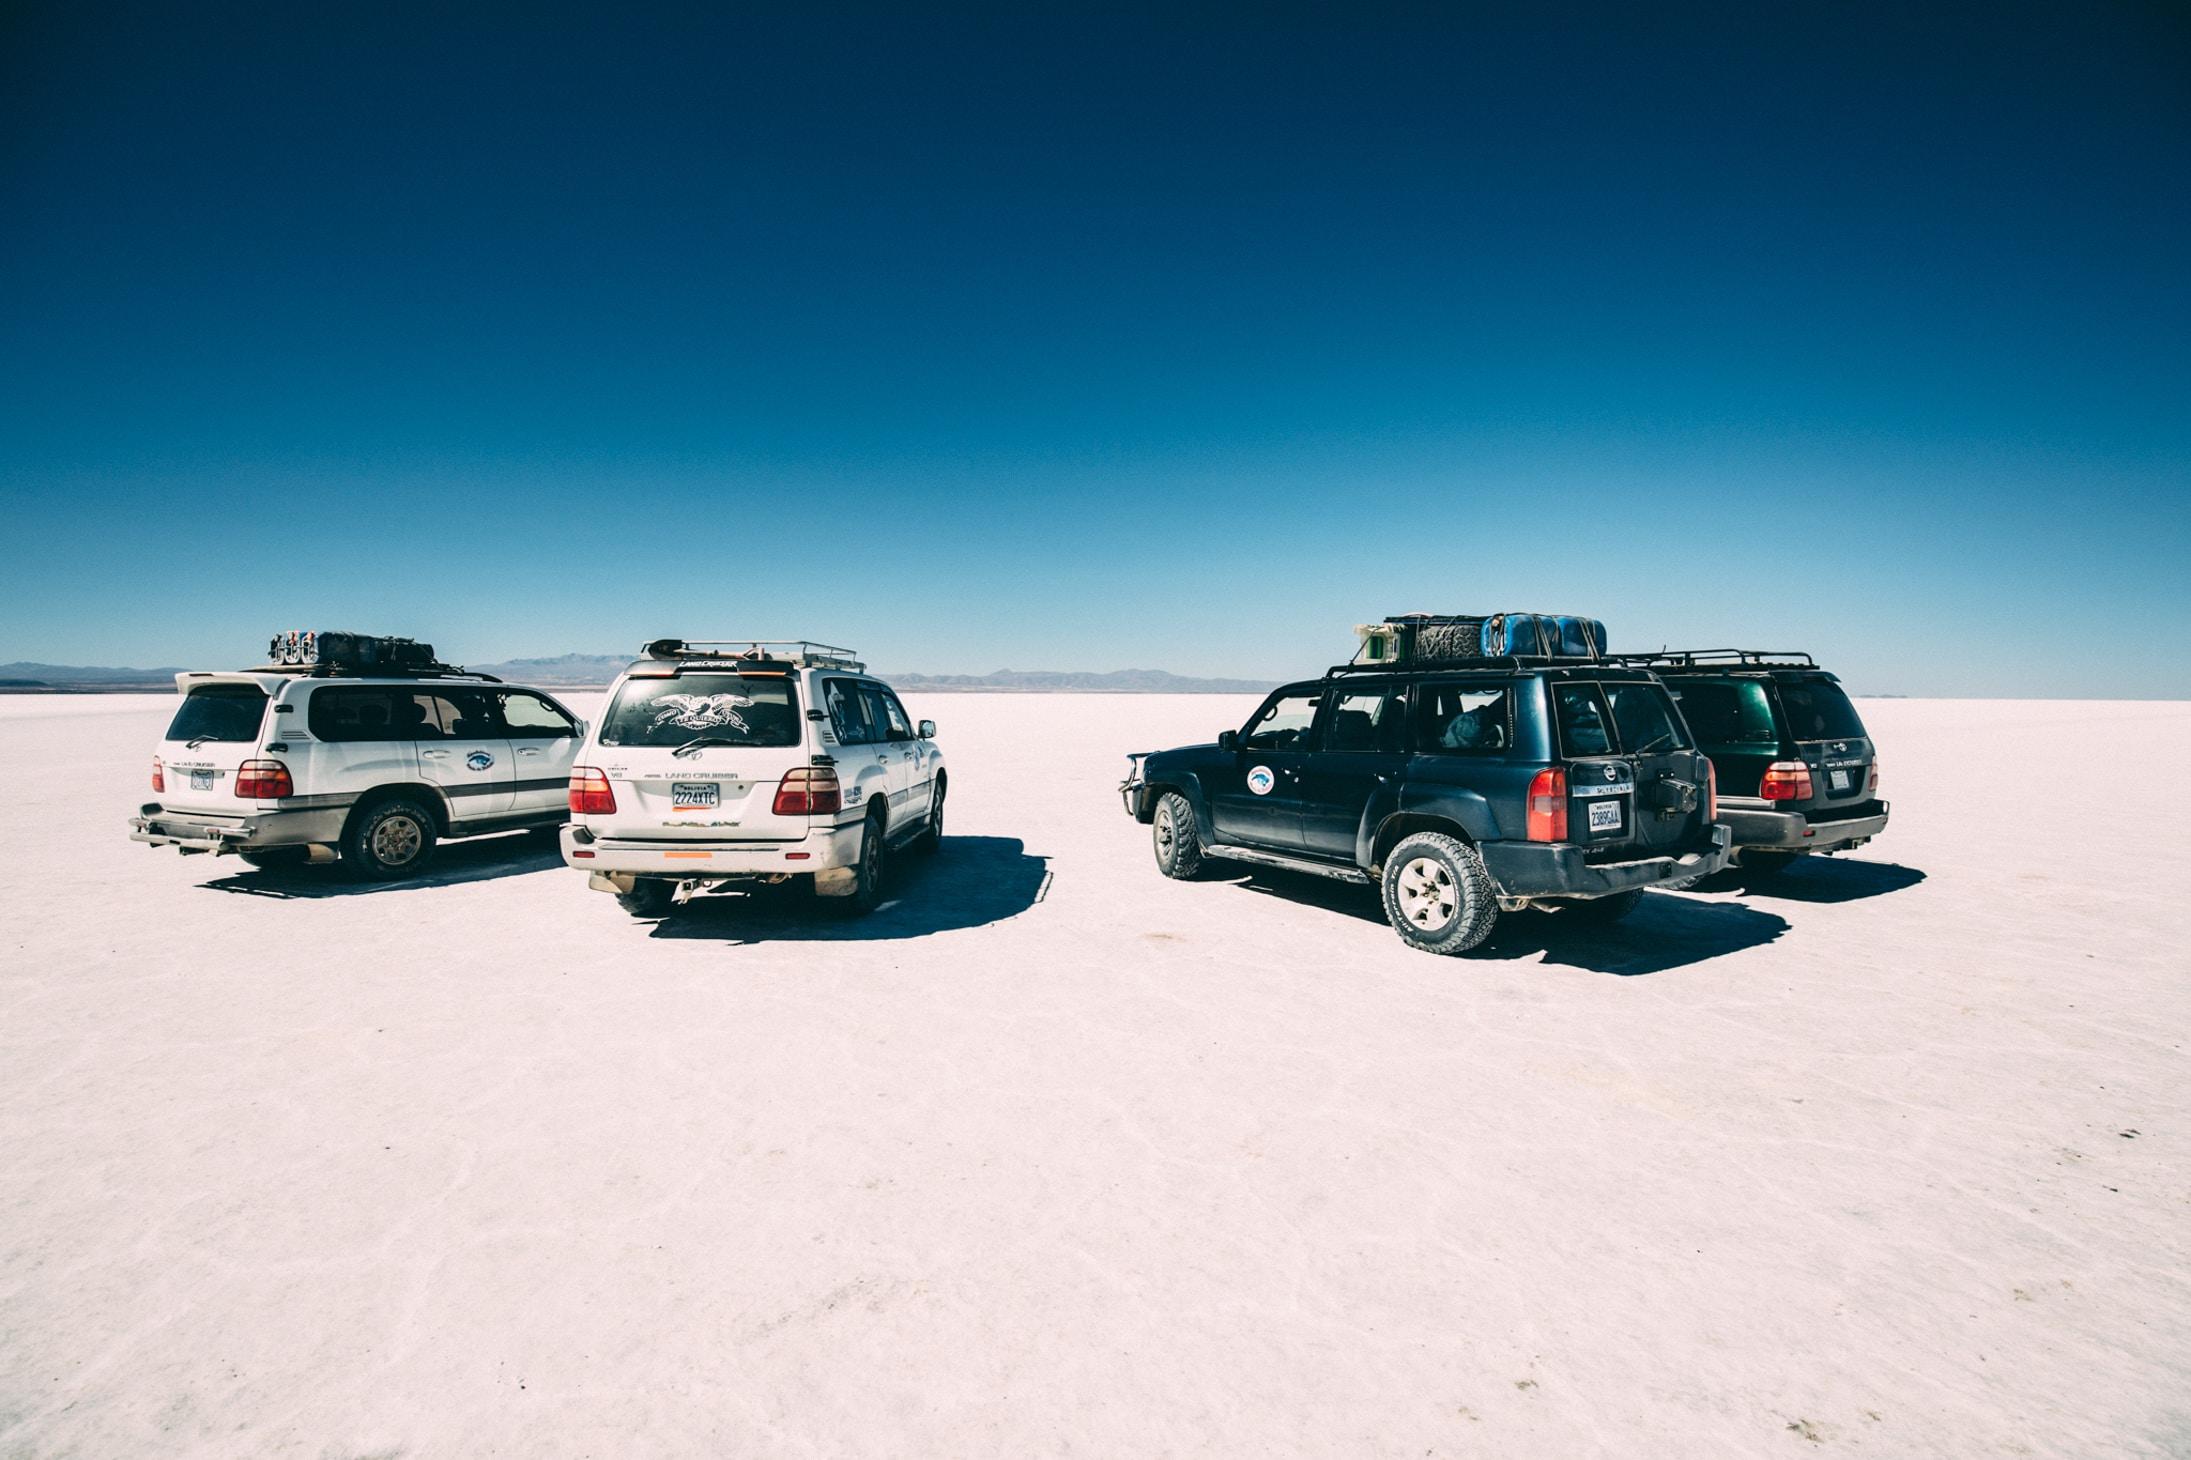 four vehicles on desert at daytime